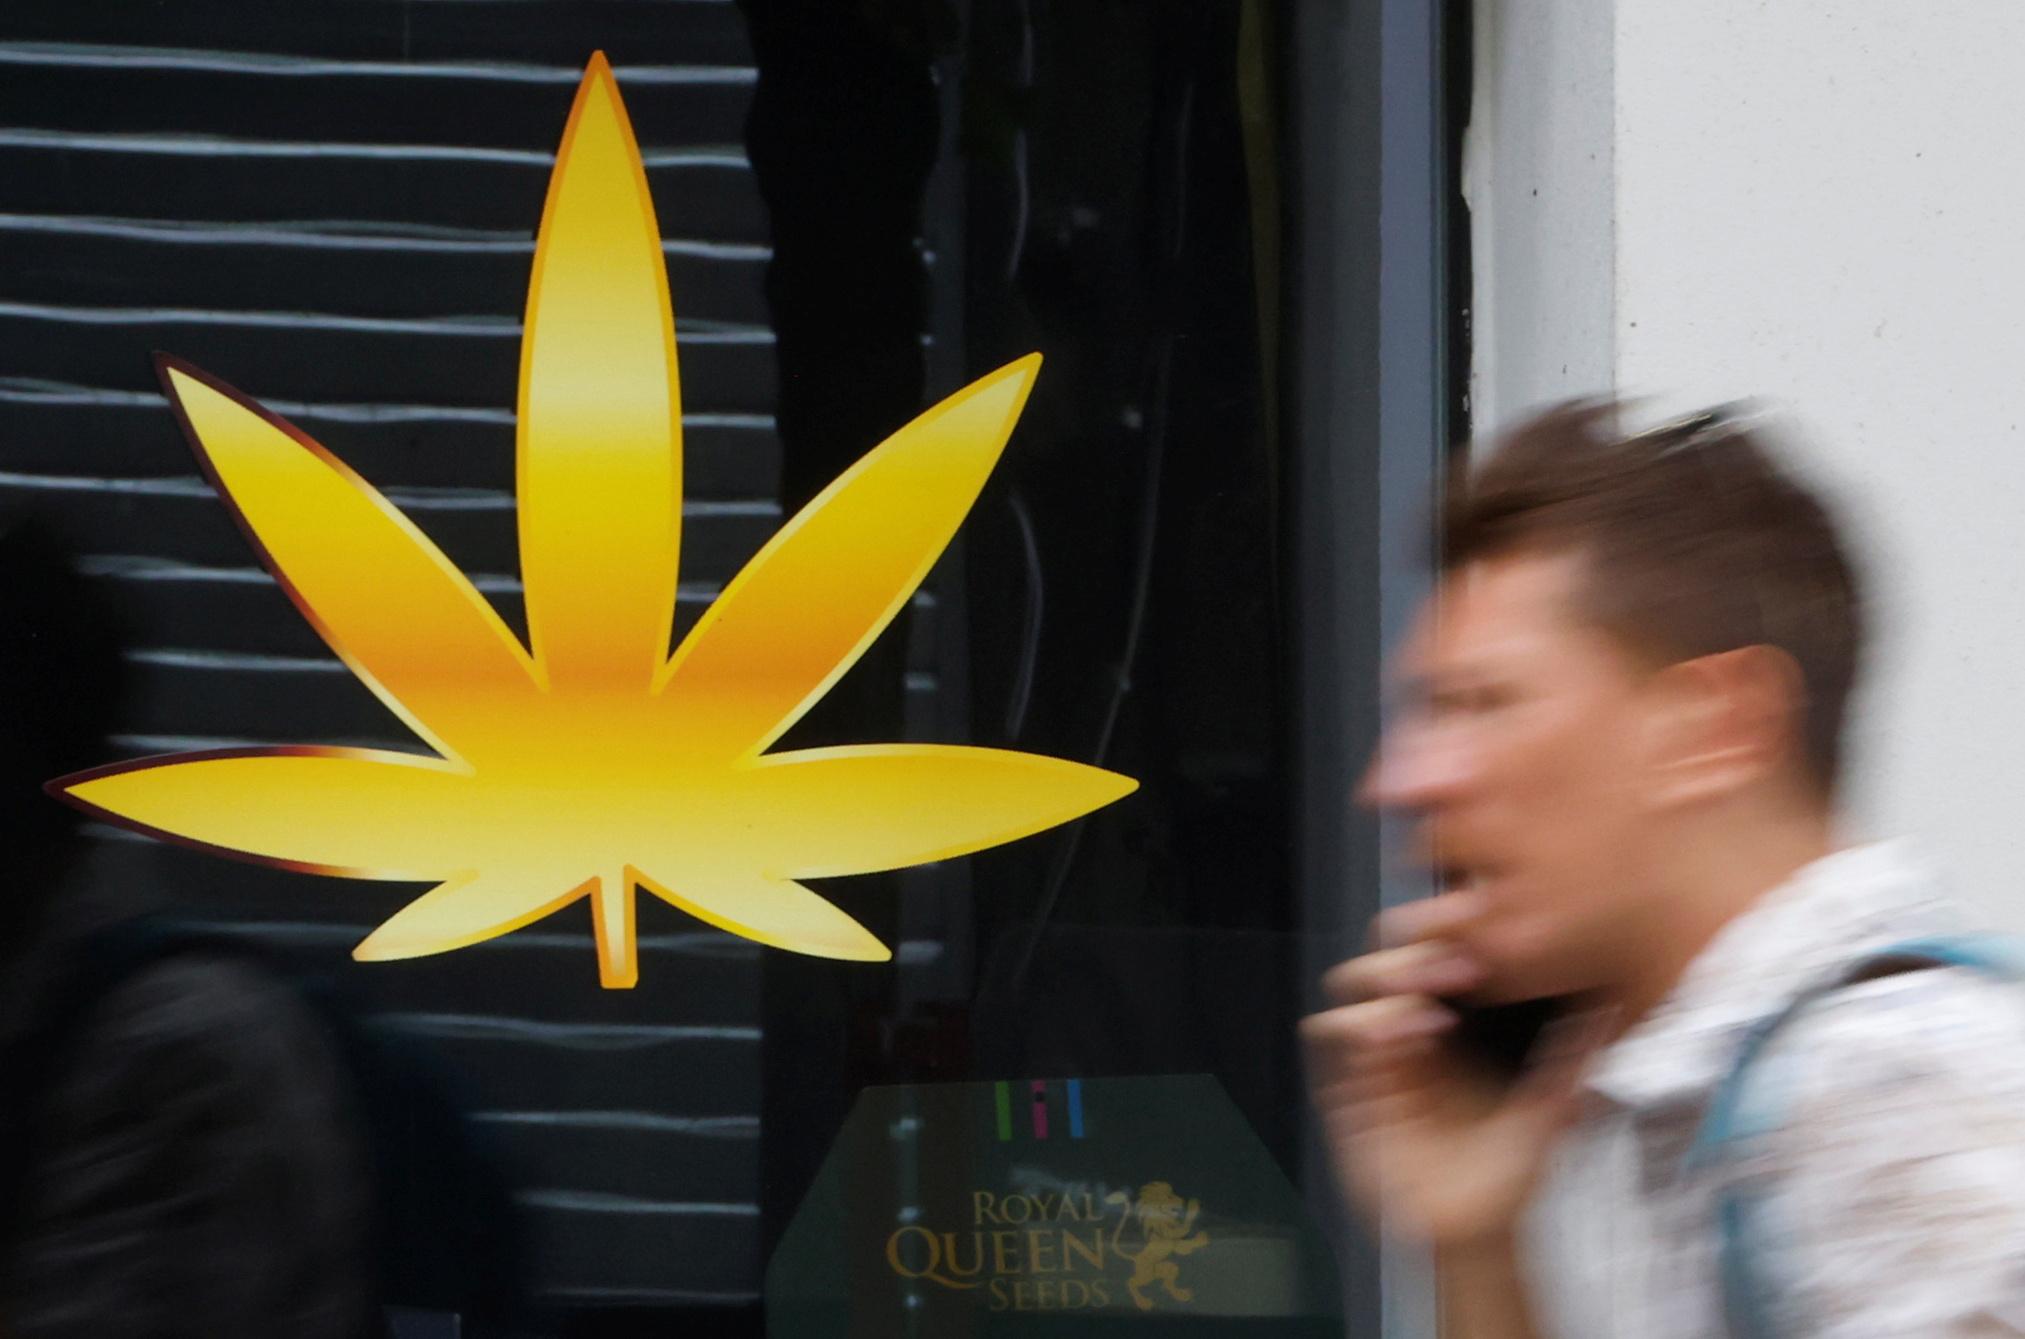 Το Μεξικό νομιμοποίησε τη χρήση μαριχουάνας για τους ενηλίκους